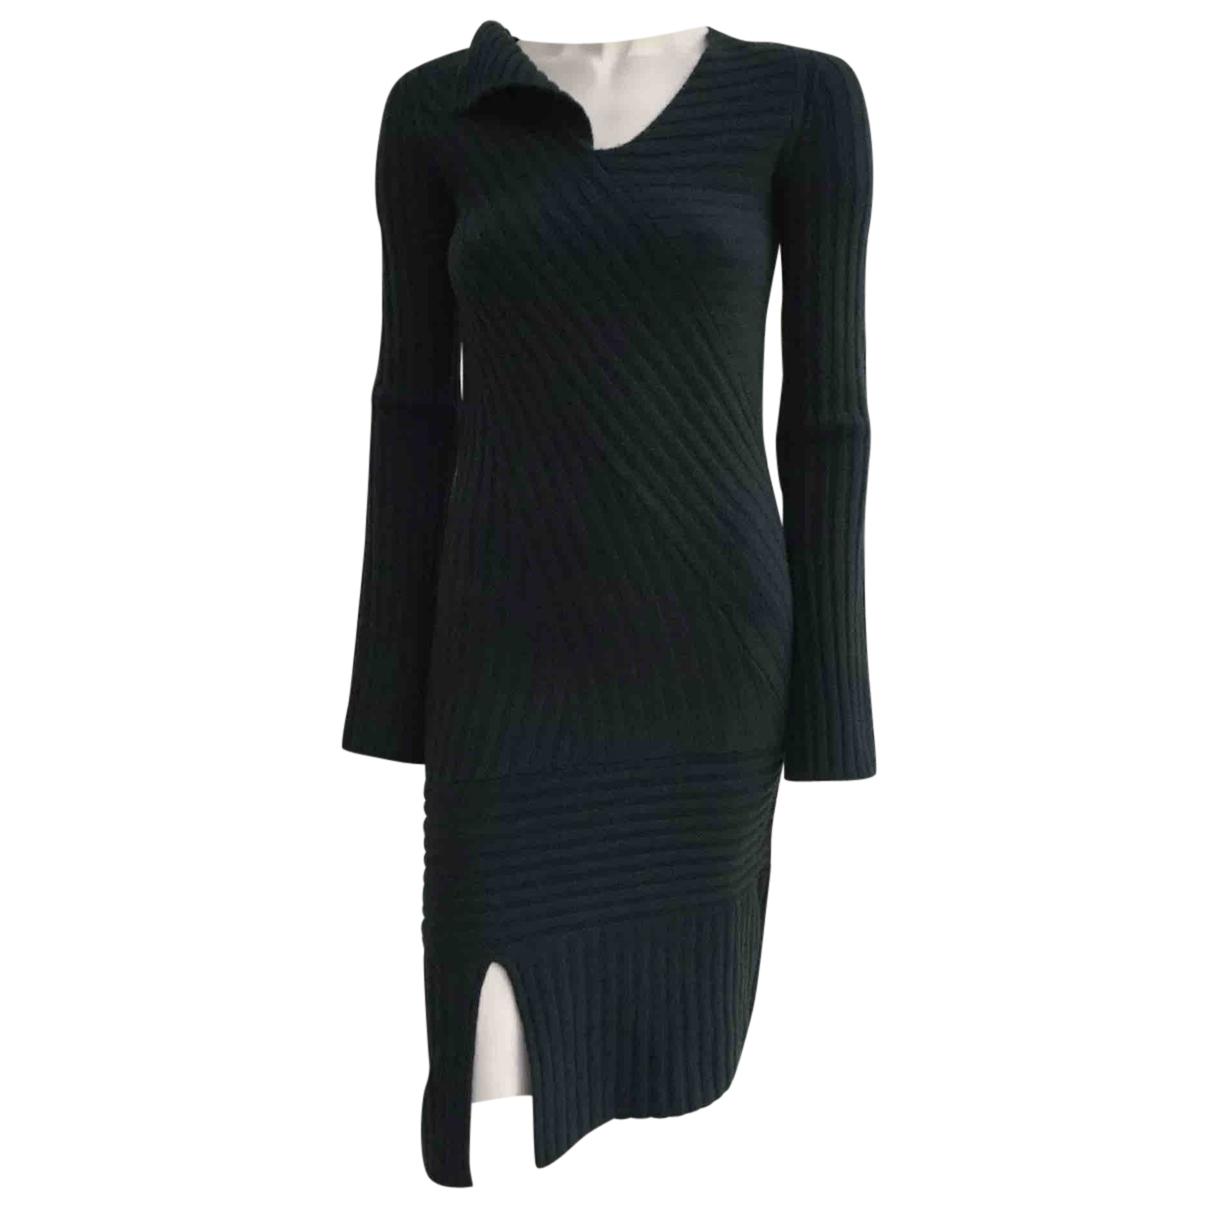 Nicole Farhi \N Kleid in  Gruen Wolle